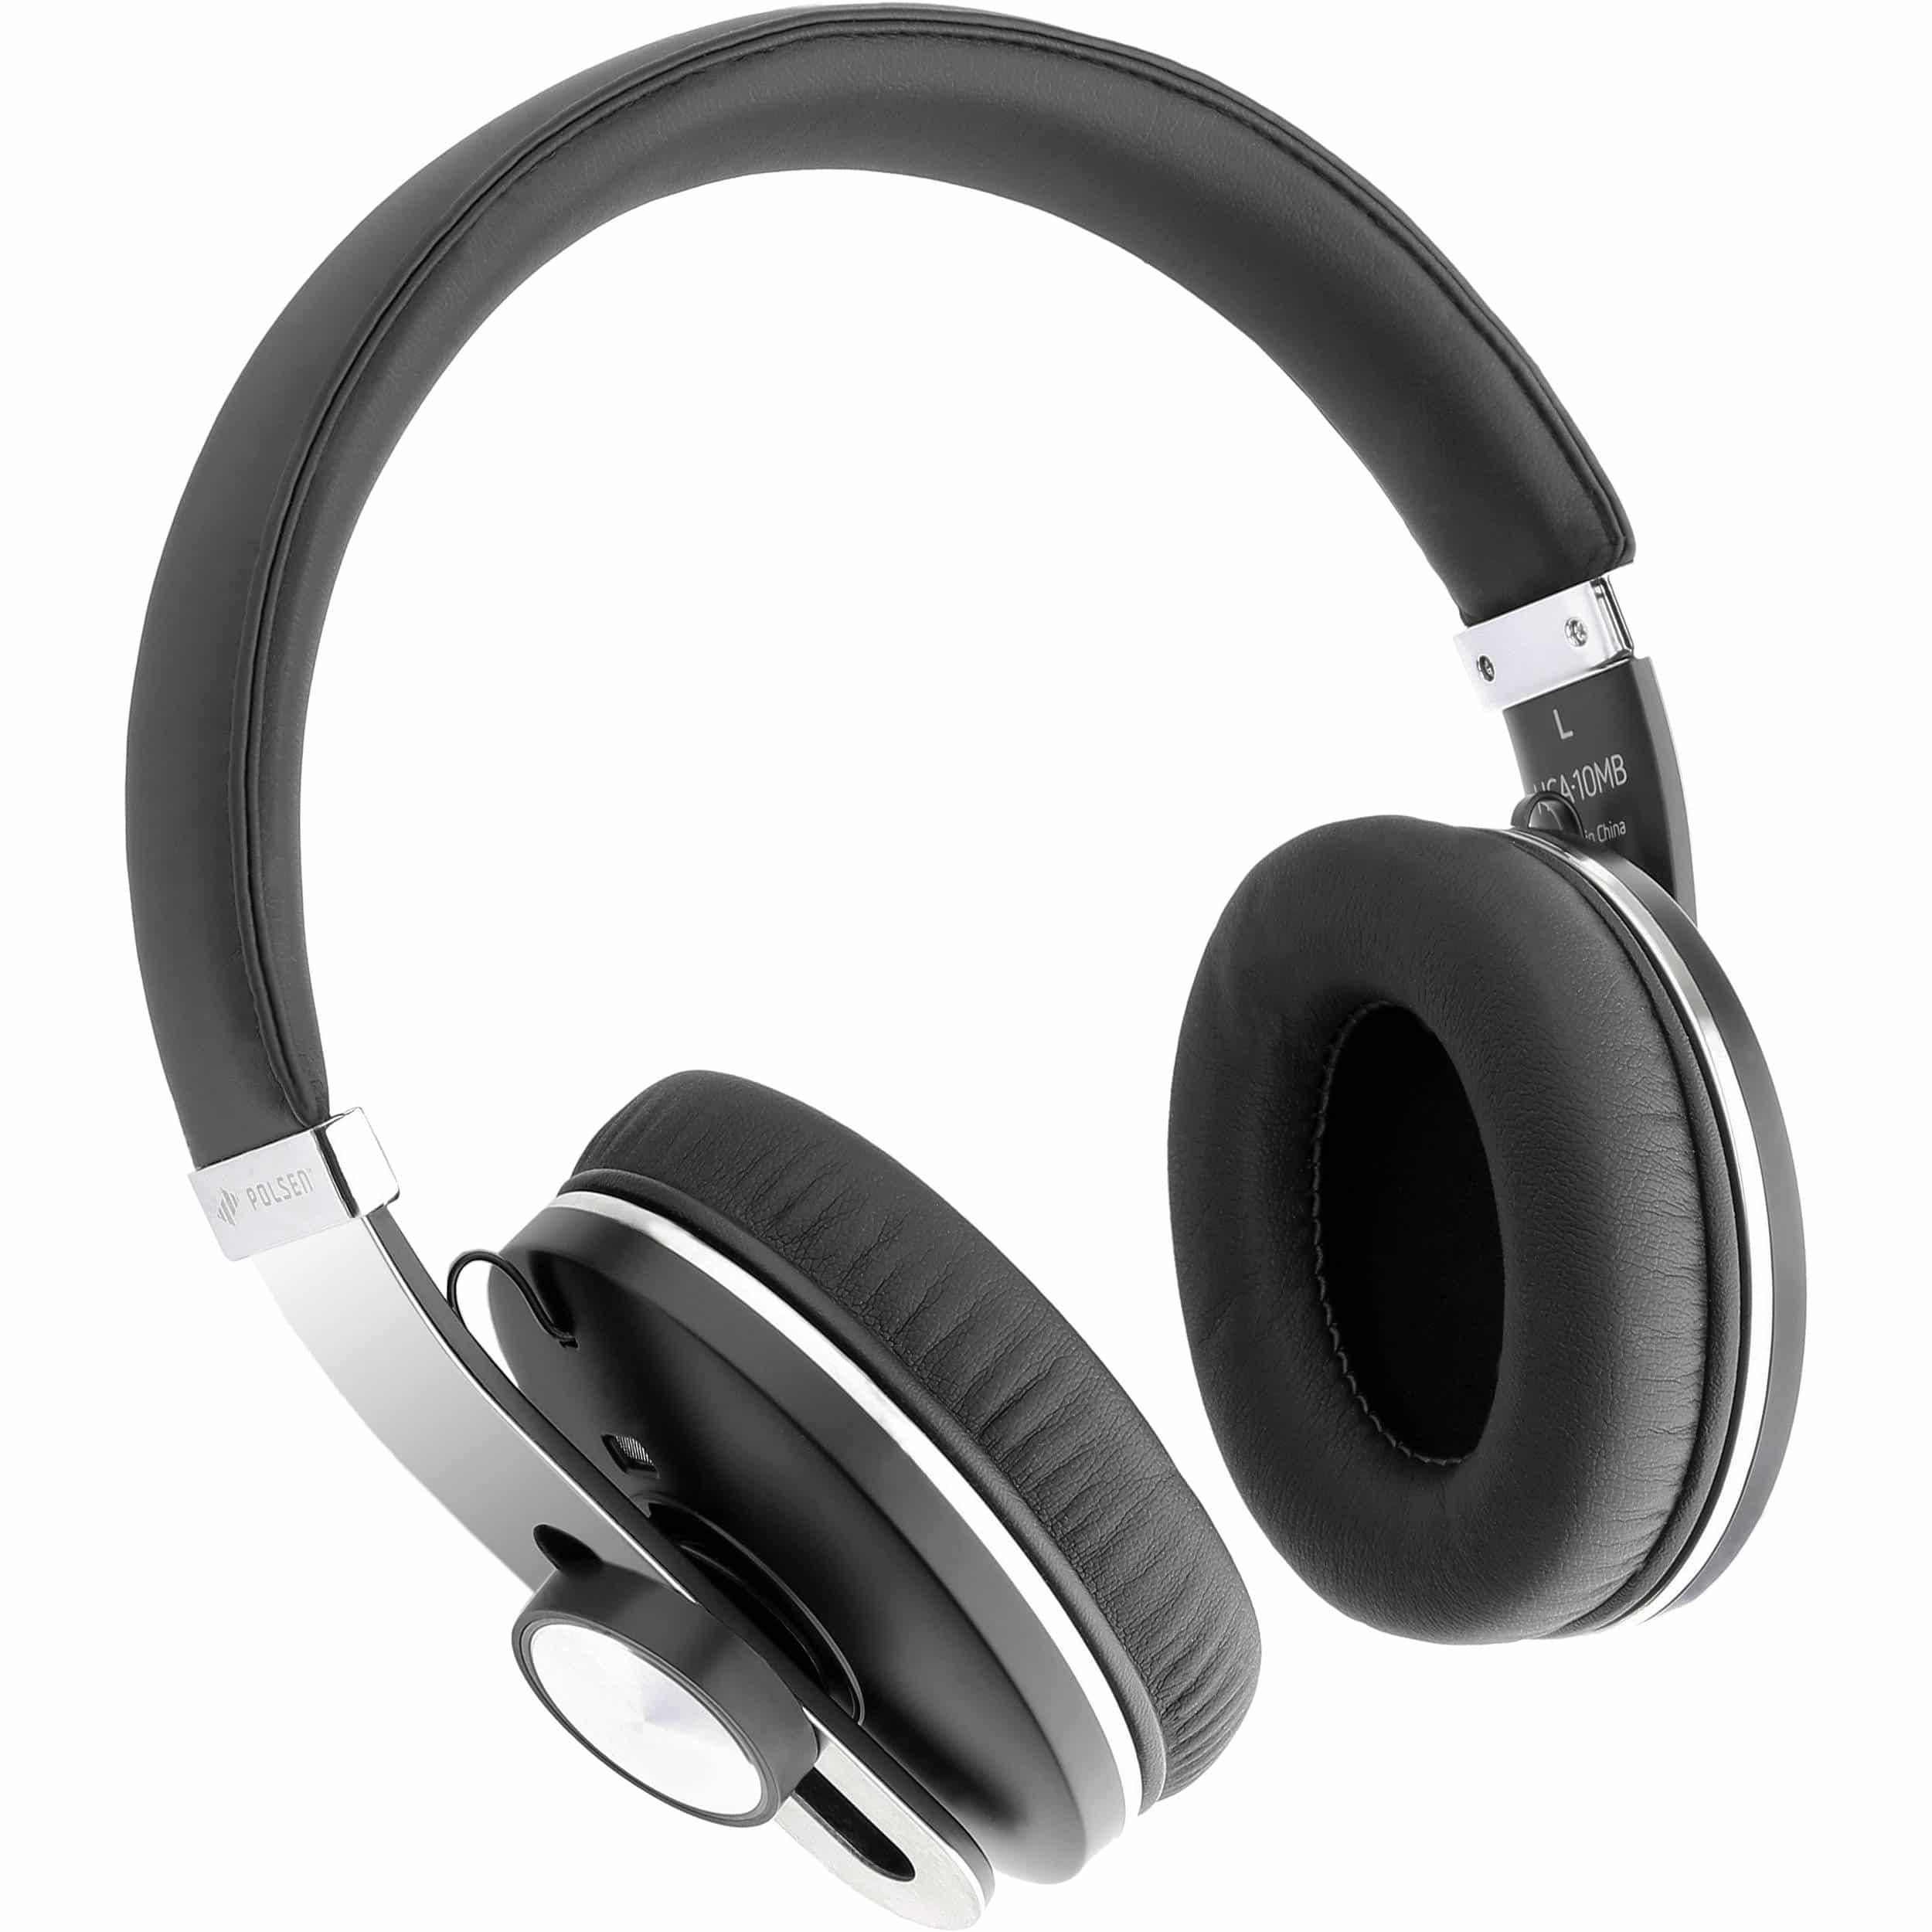 Auriculares inalambricos buena calidad Sony running